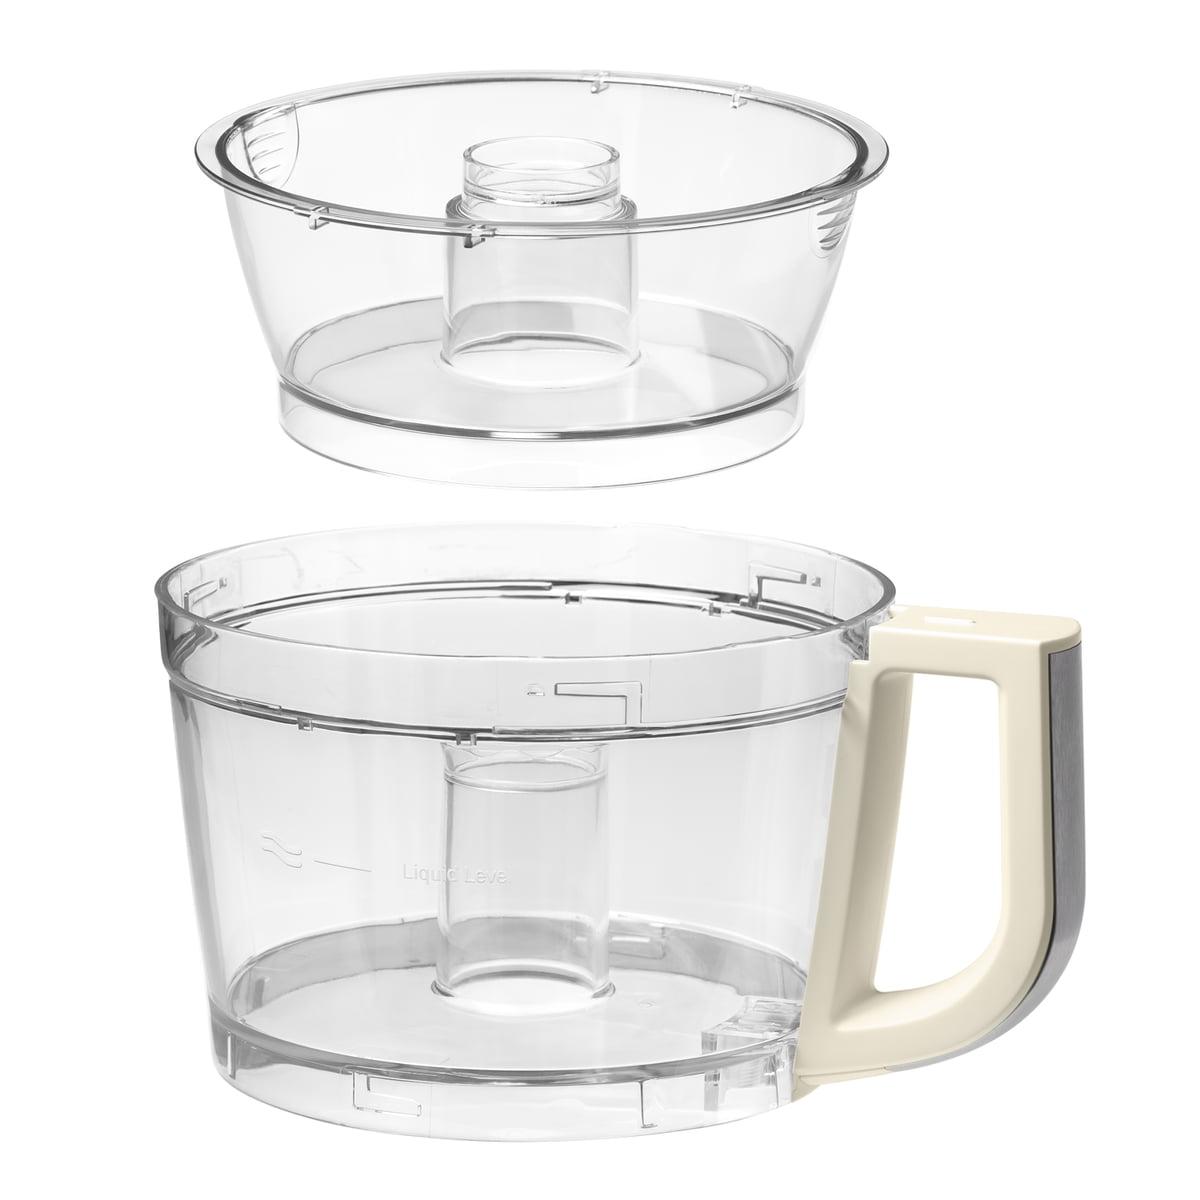 Kitchenaid Food Processor 2 1 L Bowls